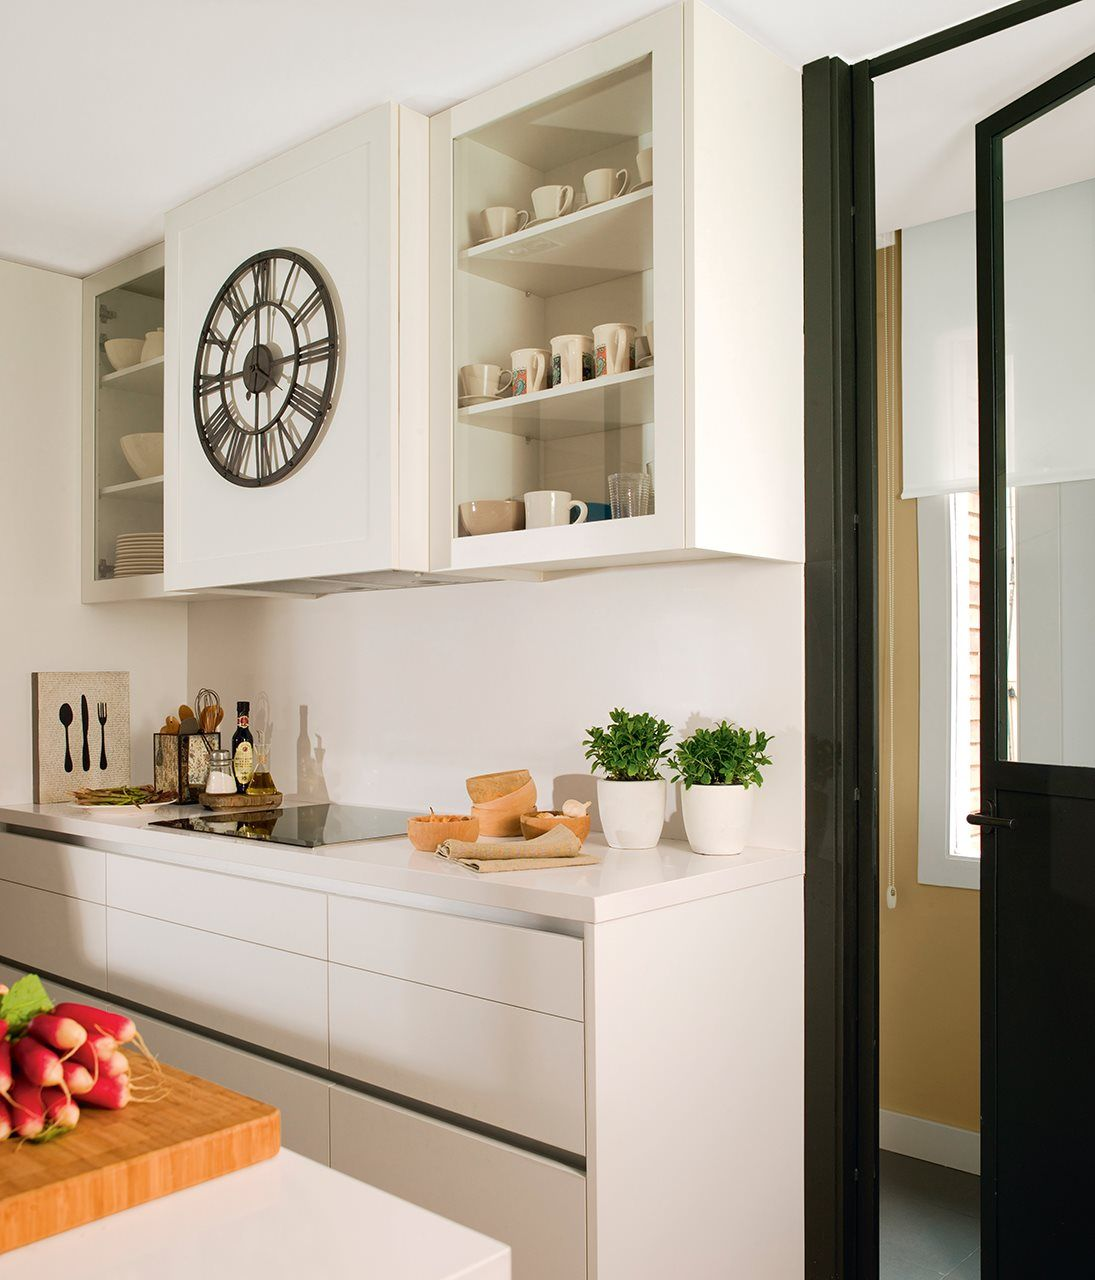 En la cocina.  Intérieur industriel moderne, Placard cuisine